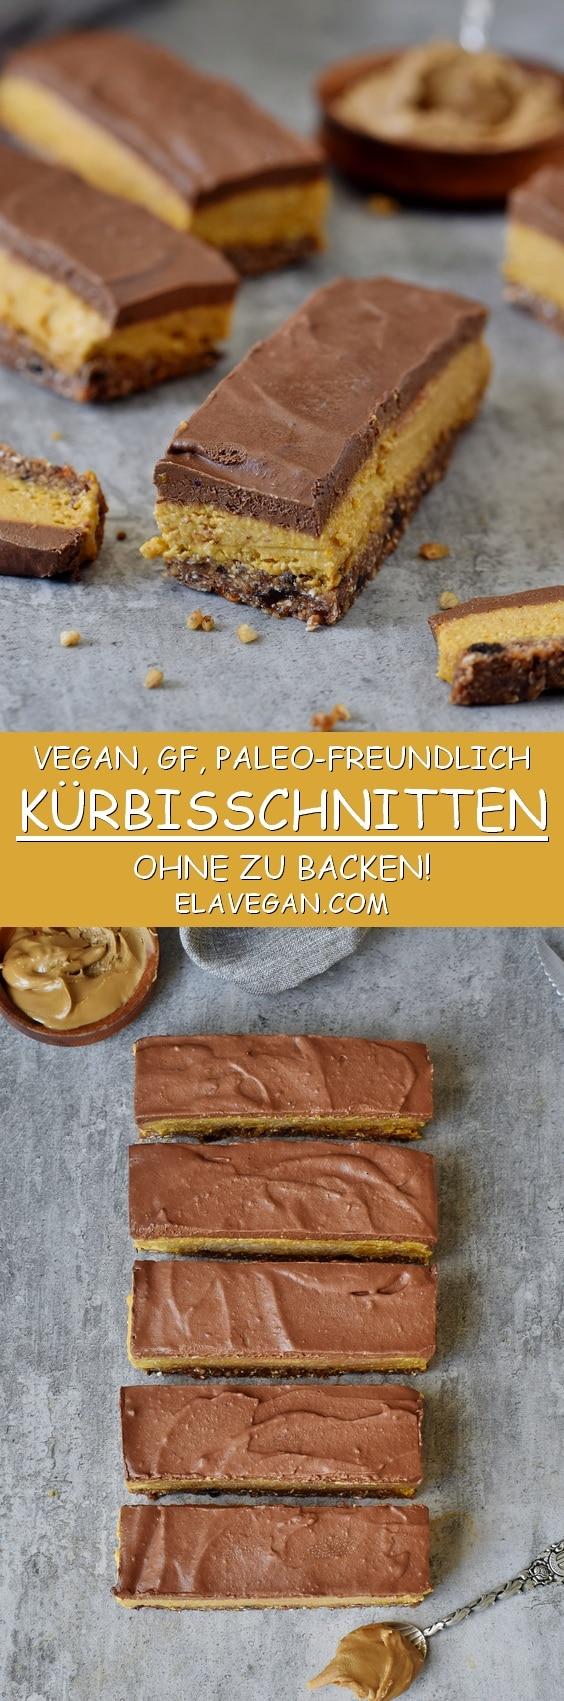 Gesunde vegane Kürbisschnitten mit einer glutenfreien Schokoladenglasur (paleo)